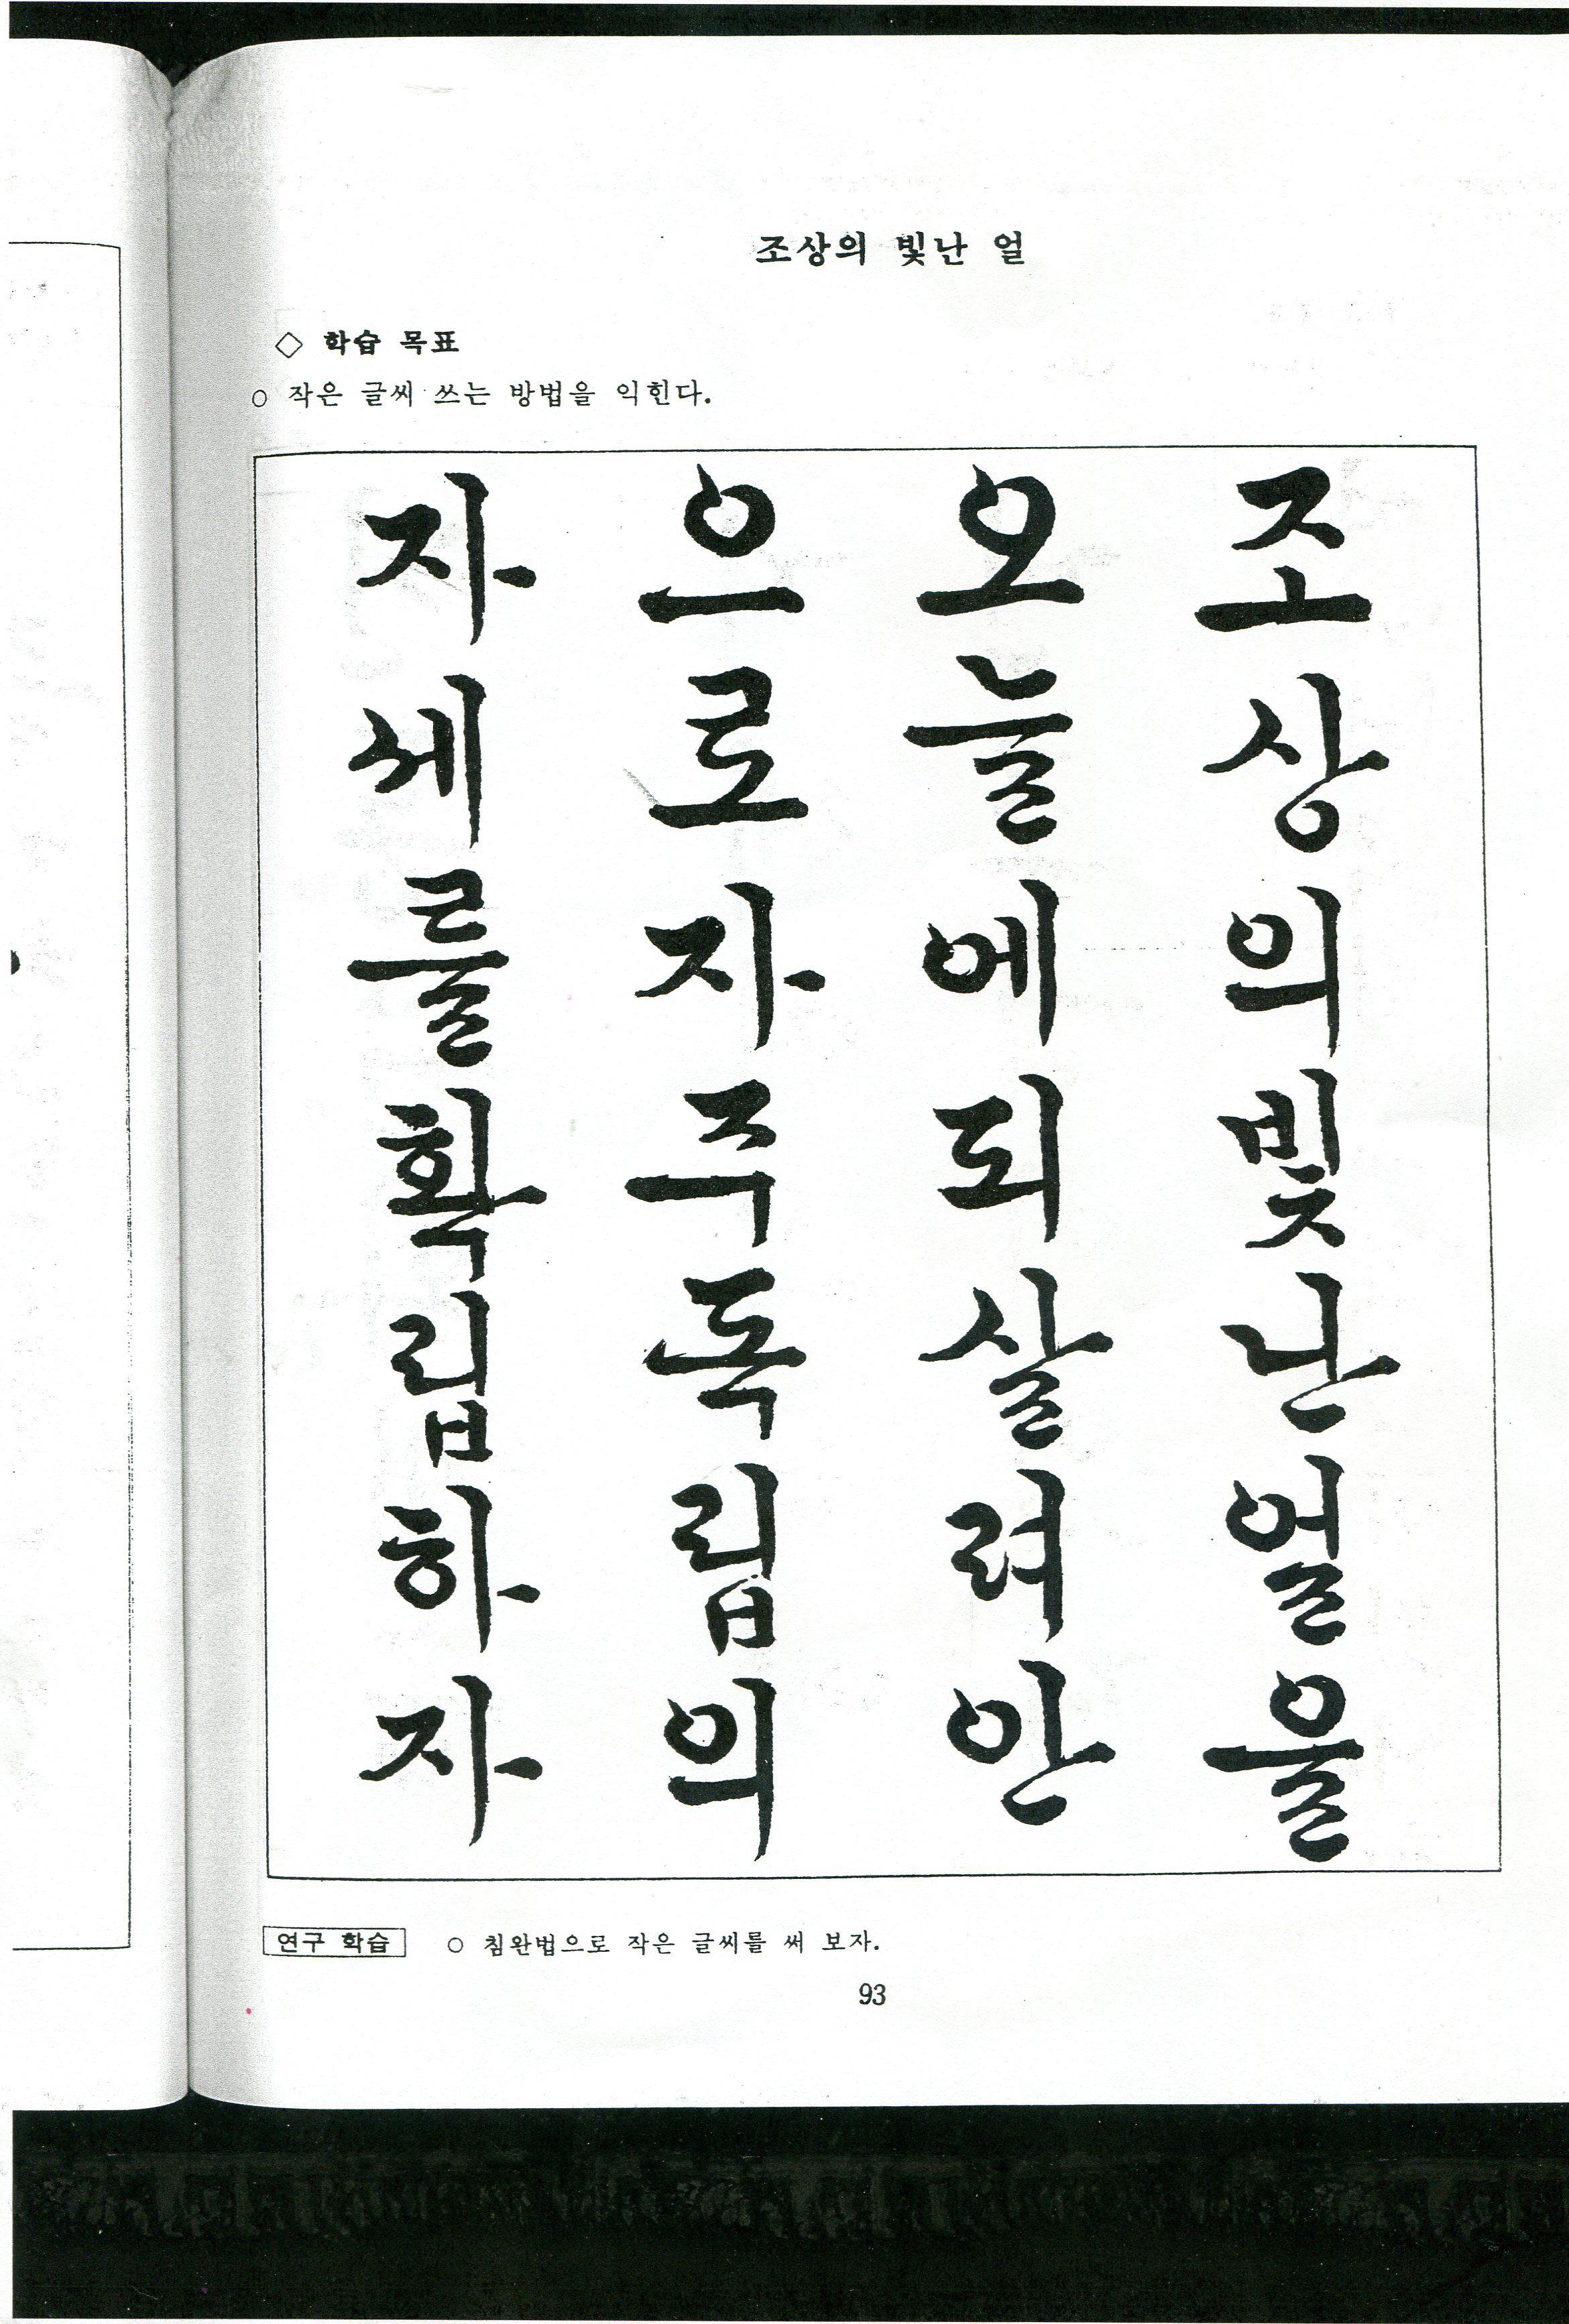 (t115 A r1 호추동 03 jpg)하국의 글자꼴과 중국의 글자꼴이   관통점 있다.한글은 한자의 영향을 받아 네모꼴로 만들어져서 한글 역시 한자만큼은 아닐지라도 낱글자에 따라 줄기수와 글자의 속공간의 크기가 다양하다.